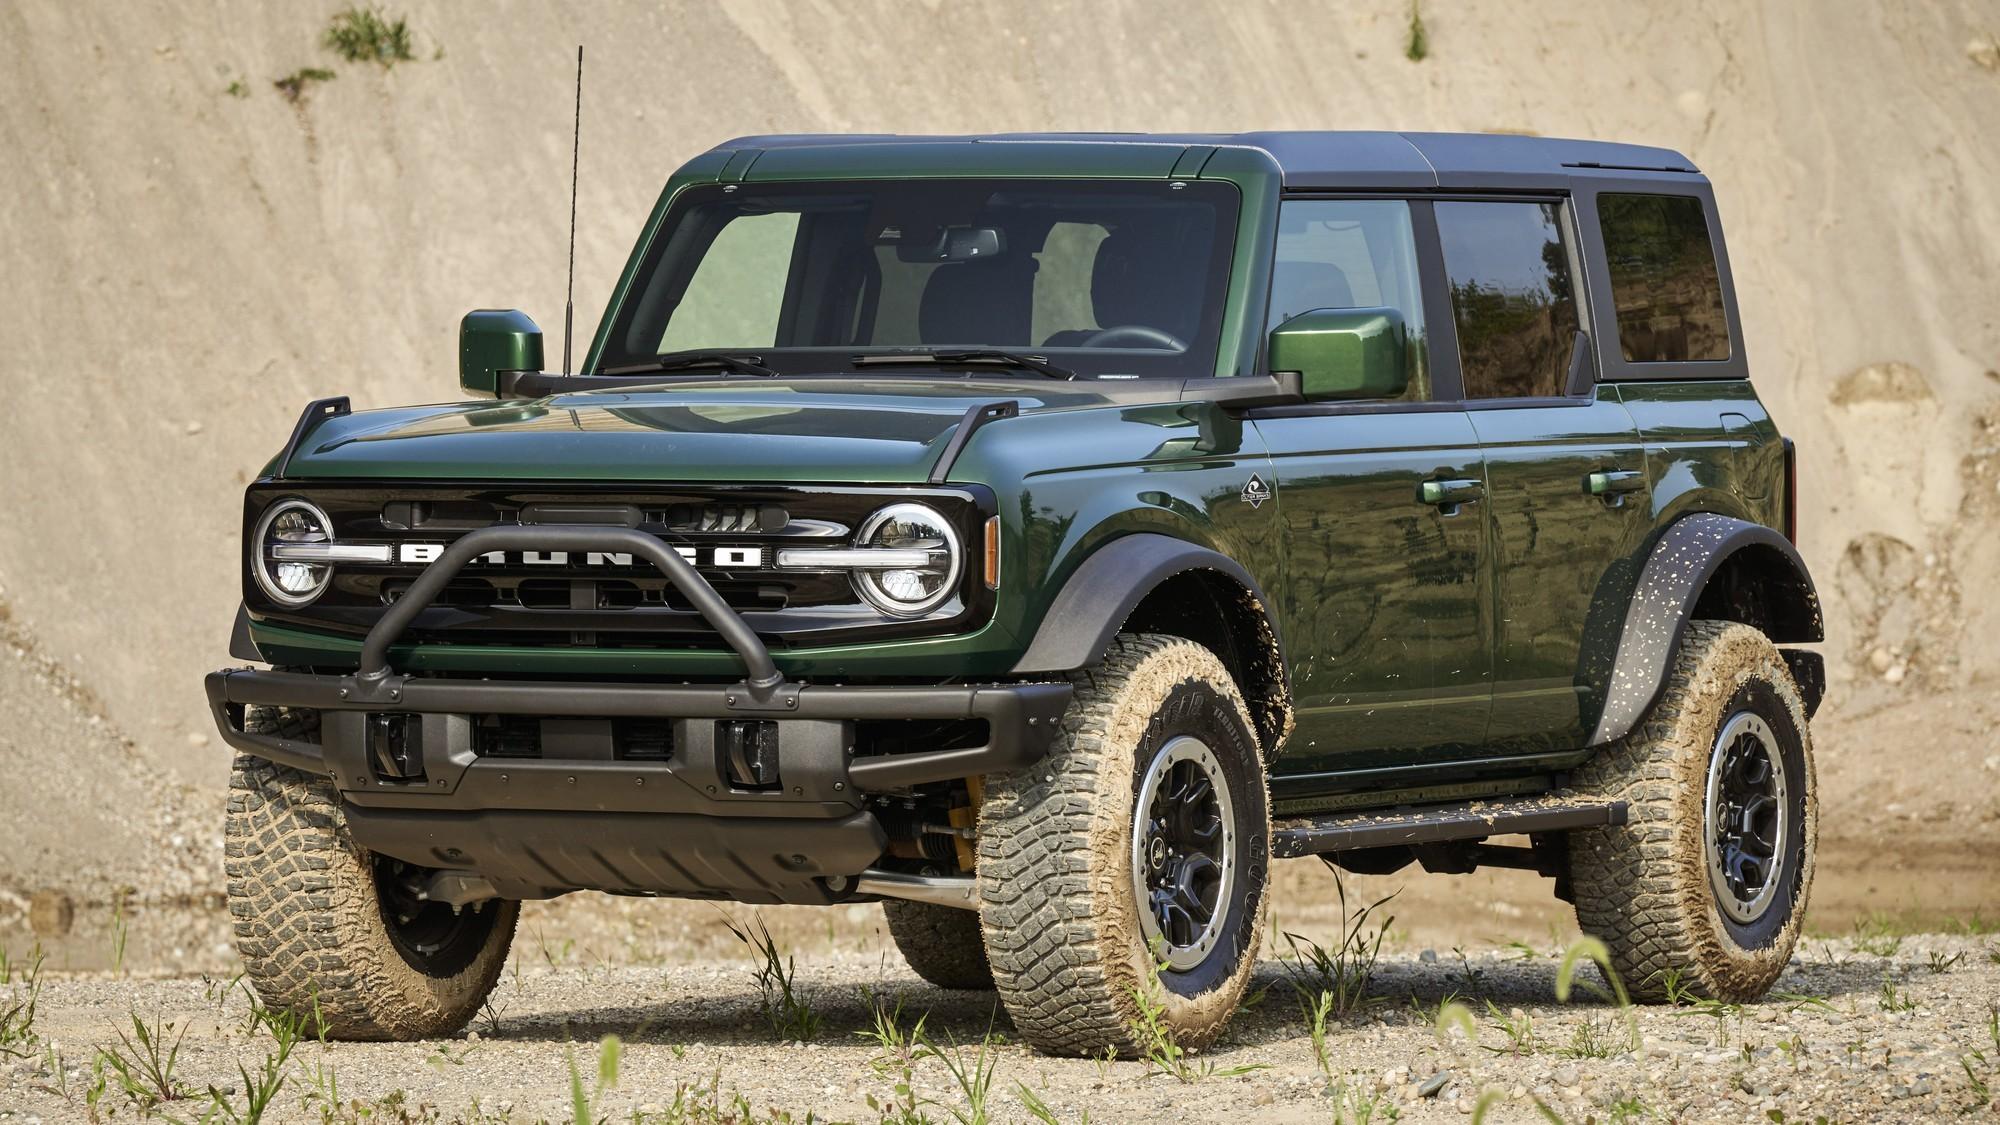 Надо знать меру: Ford отменил пикап на базе внедорожника Bronco